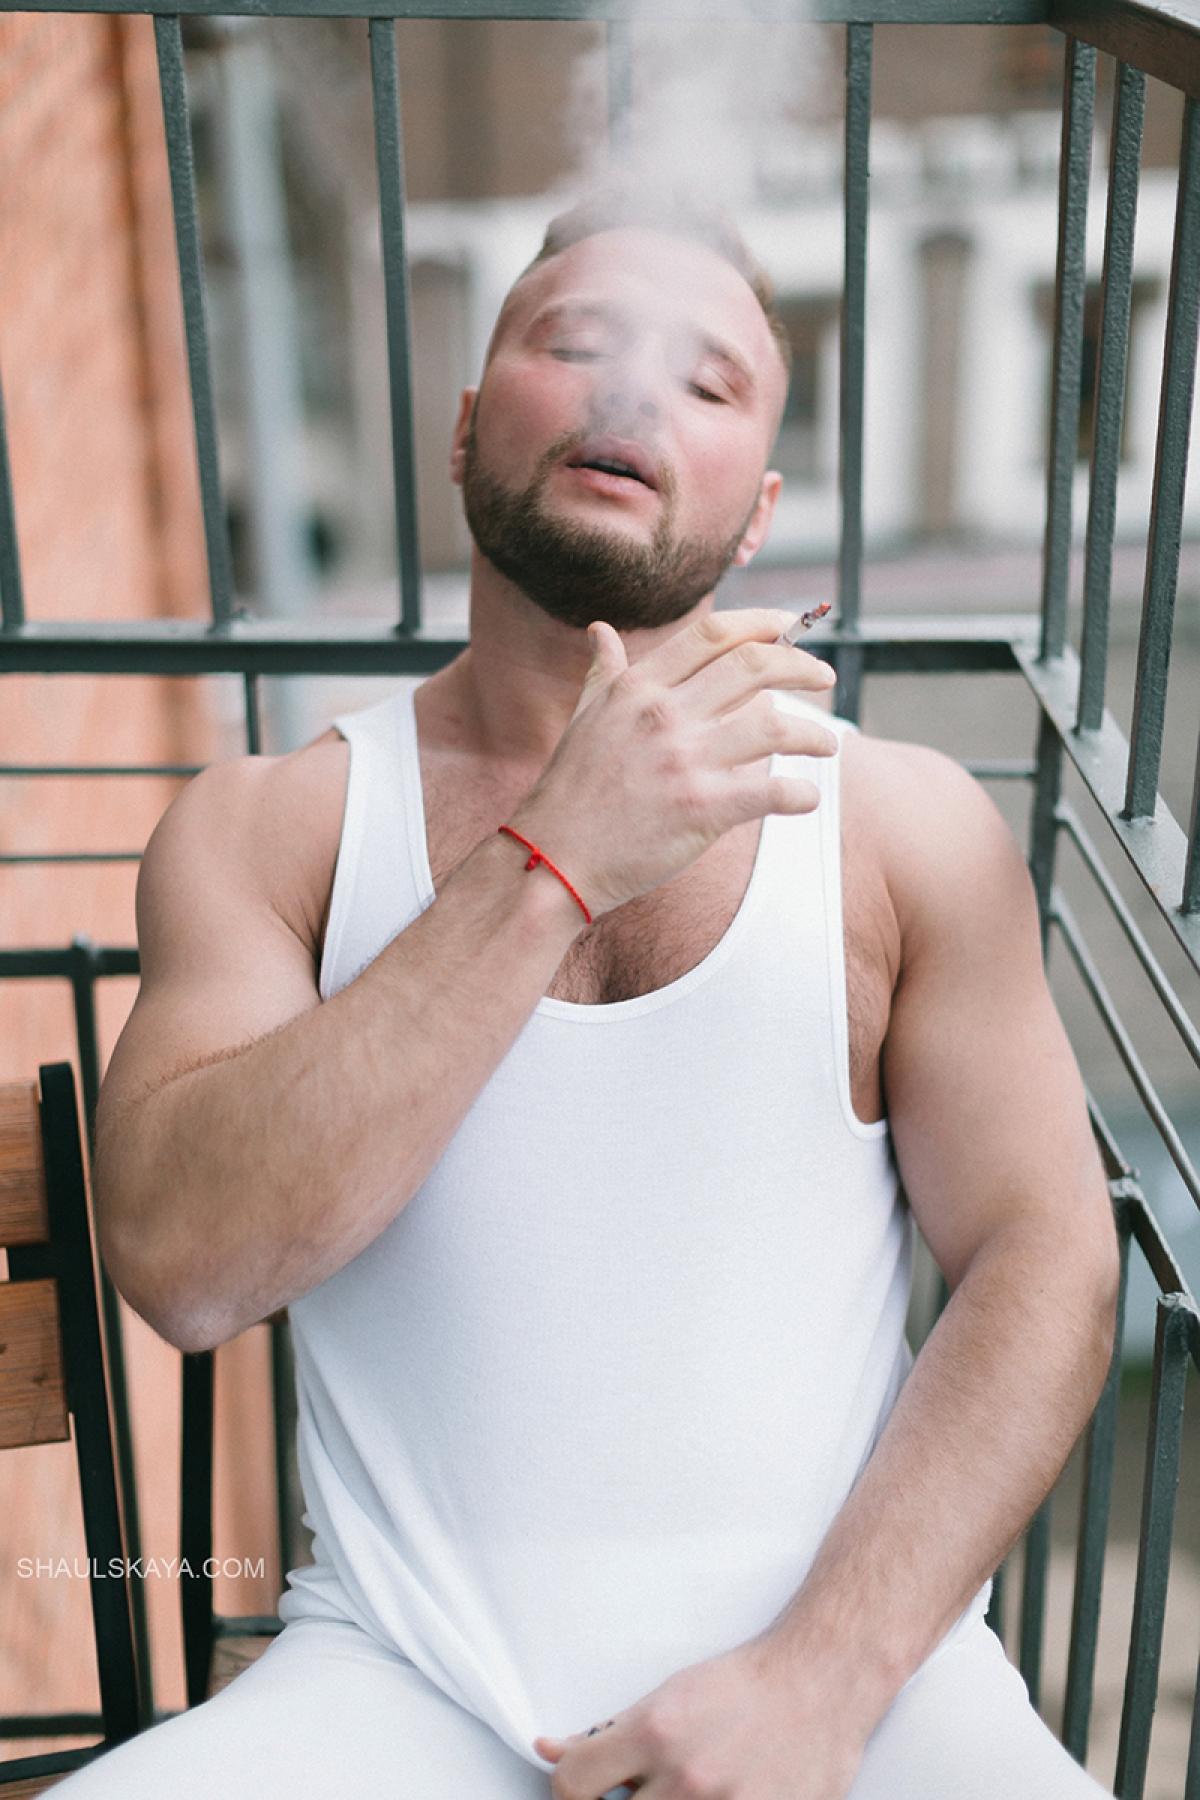 мужчина модель Харьков фото